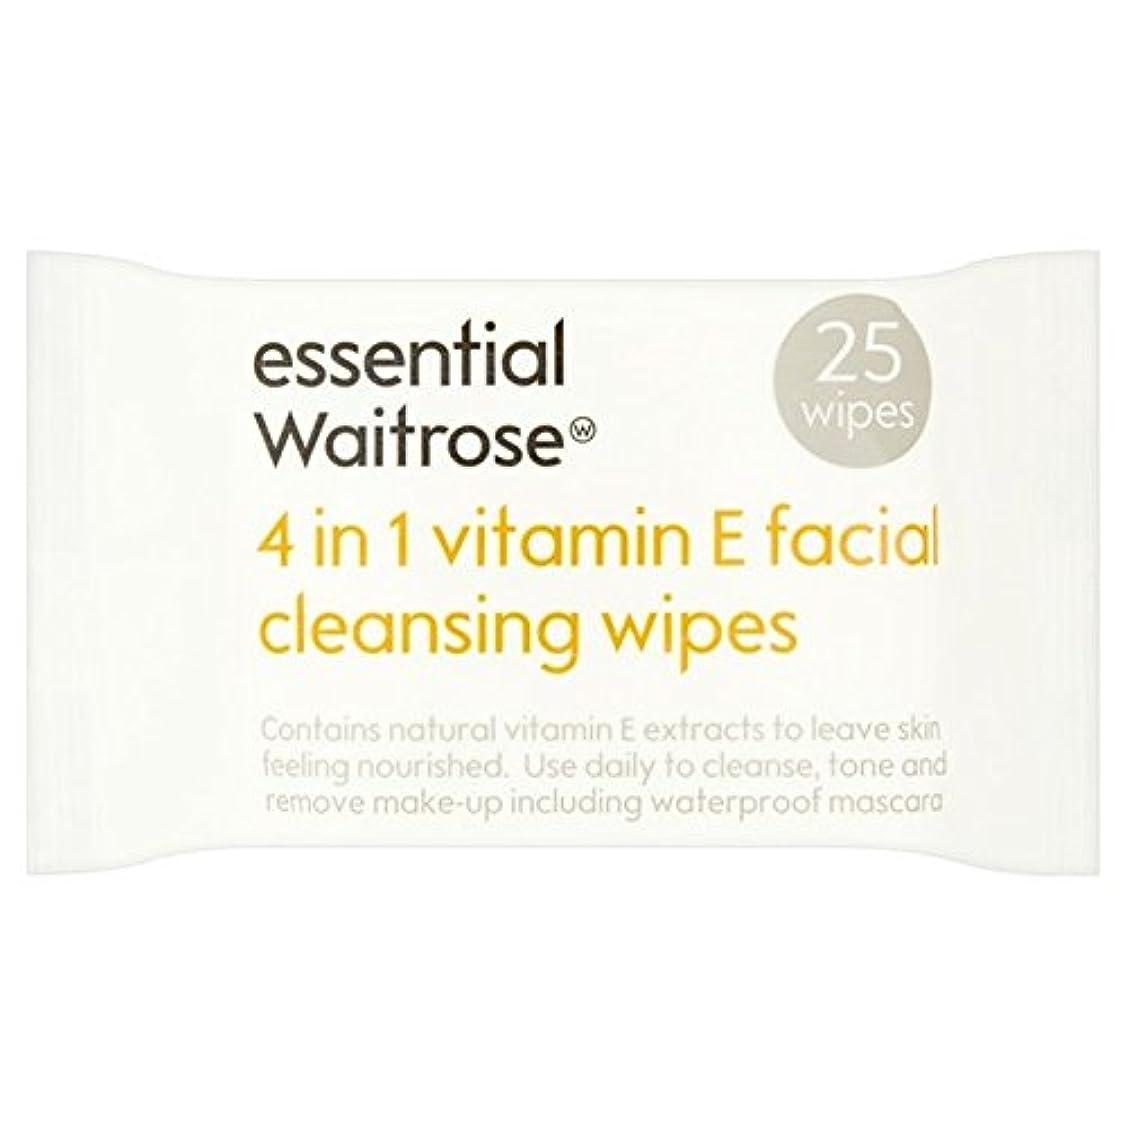 ペニー変更規制する1つのクレンジングで4不可欠パックあたりのビタミンウェイトローズ25ワイプ x4 - Essential 4 in 1 Cleansing Wipes Vitamin E Waitrose 25 per pack (Pack...